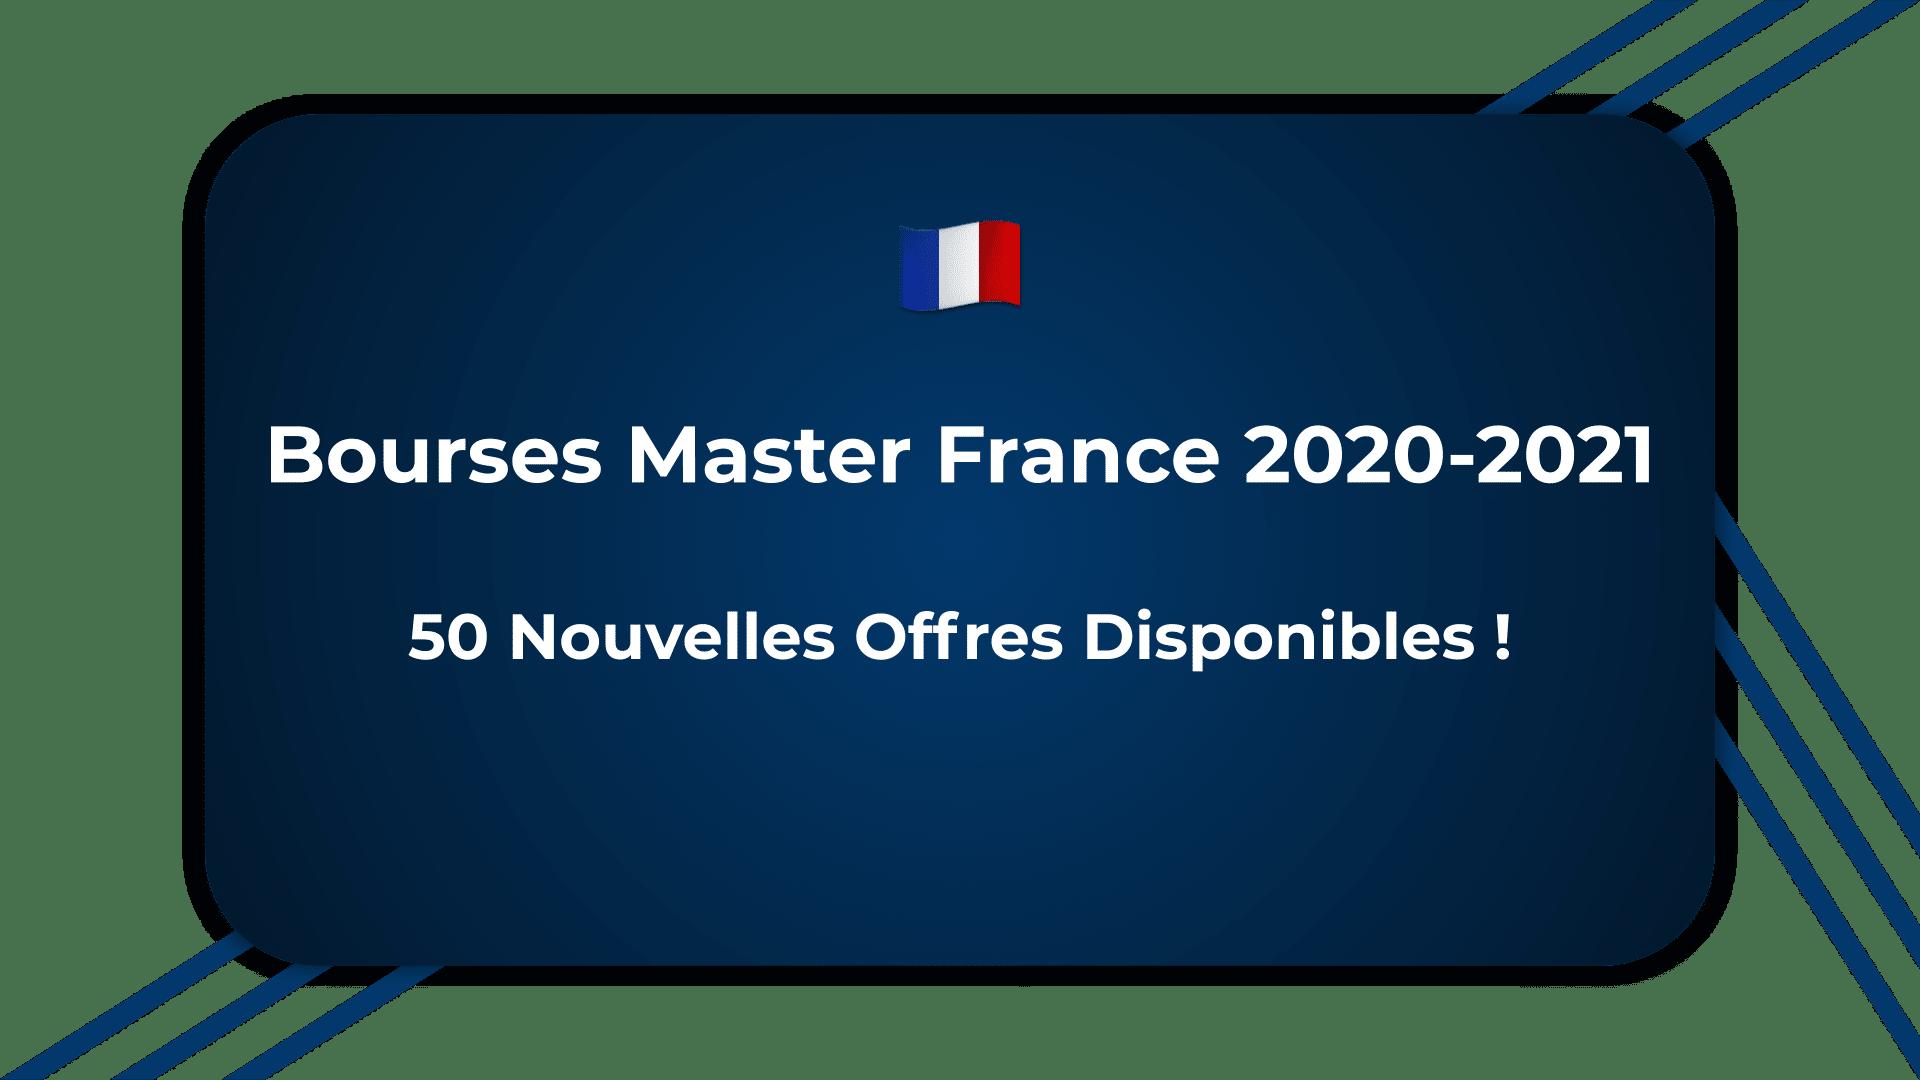 Bourses Master France 2020-2021 - 50 Nouvelles Offres Disponibles !